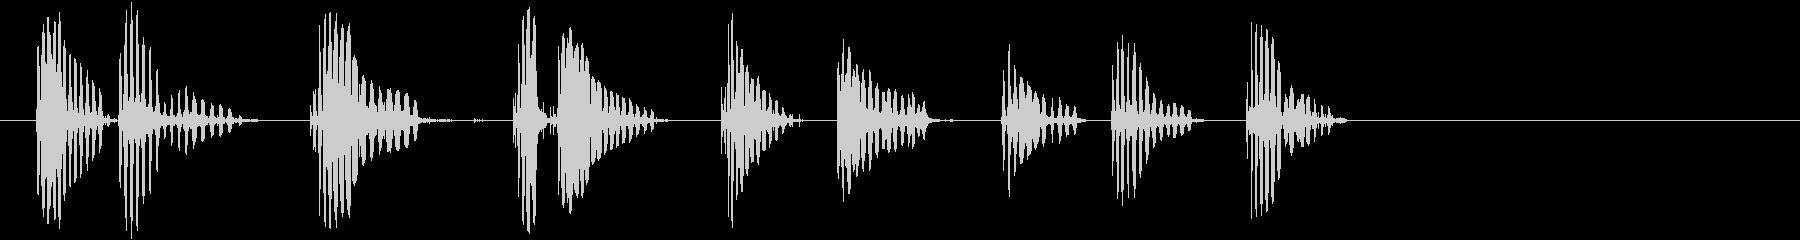 ハト;ピジョンクー。の未再生の波形